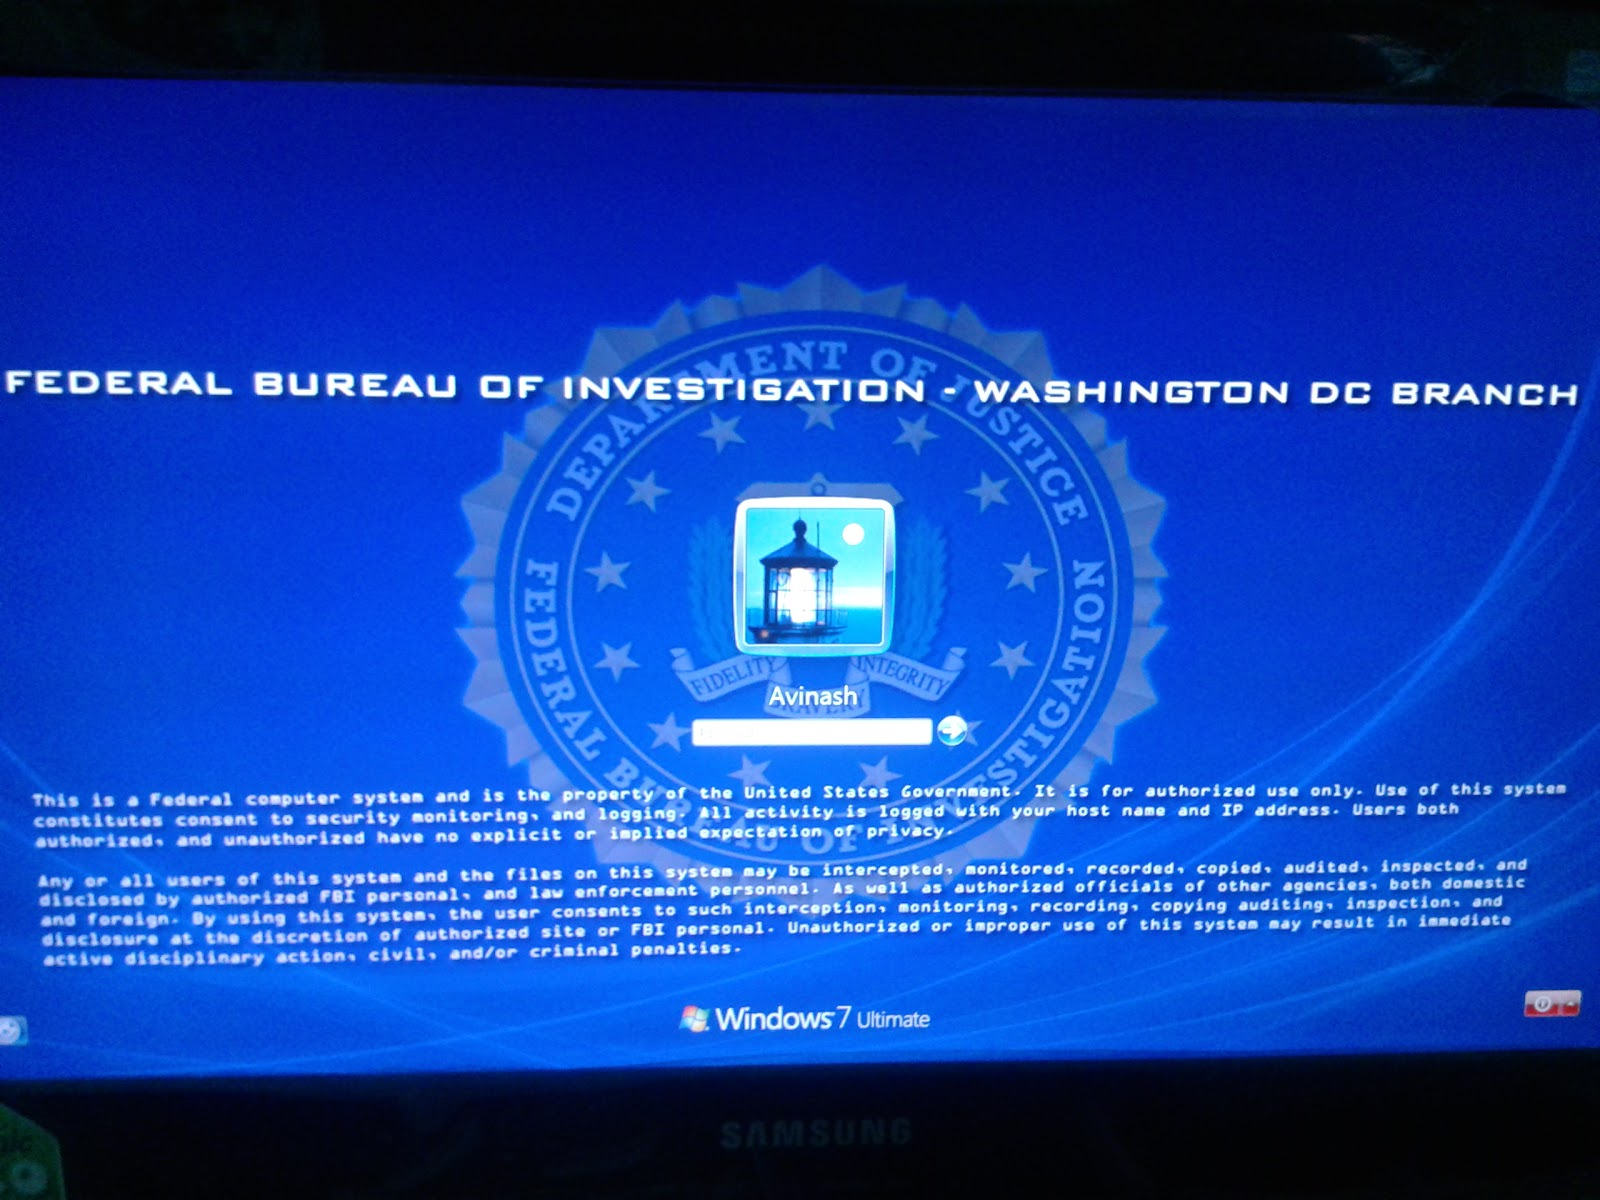 http://3.bp.blogspot.com/-G8a74IC856k/Te4wbKmmZtI/AAAAAAAAALs/LoEqOp3G3ok/s1600/Login+FBI+Screen.jpg